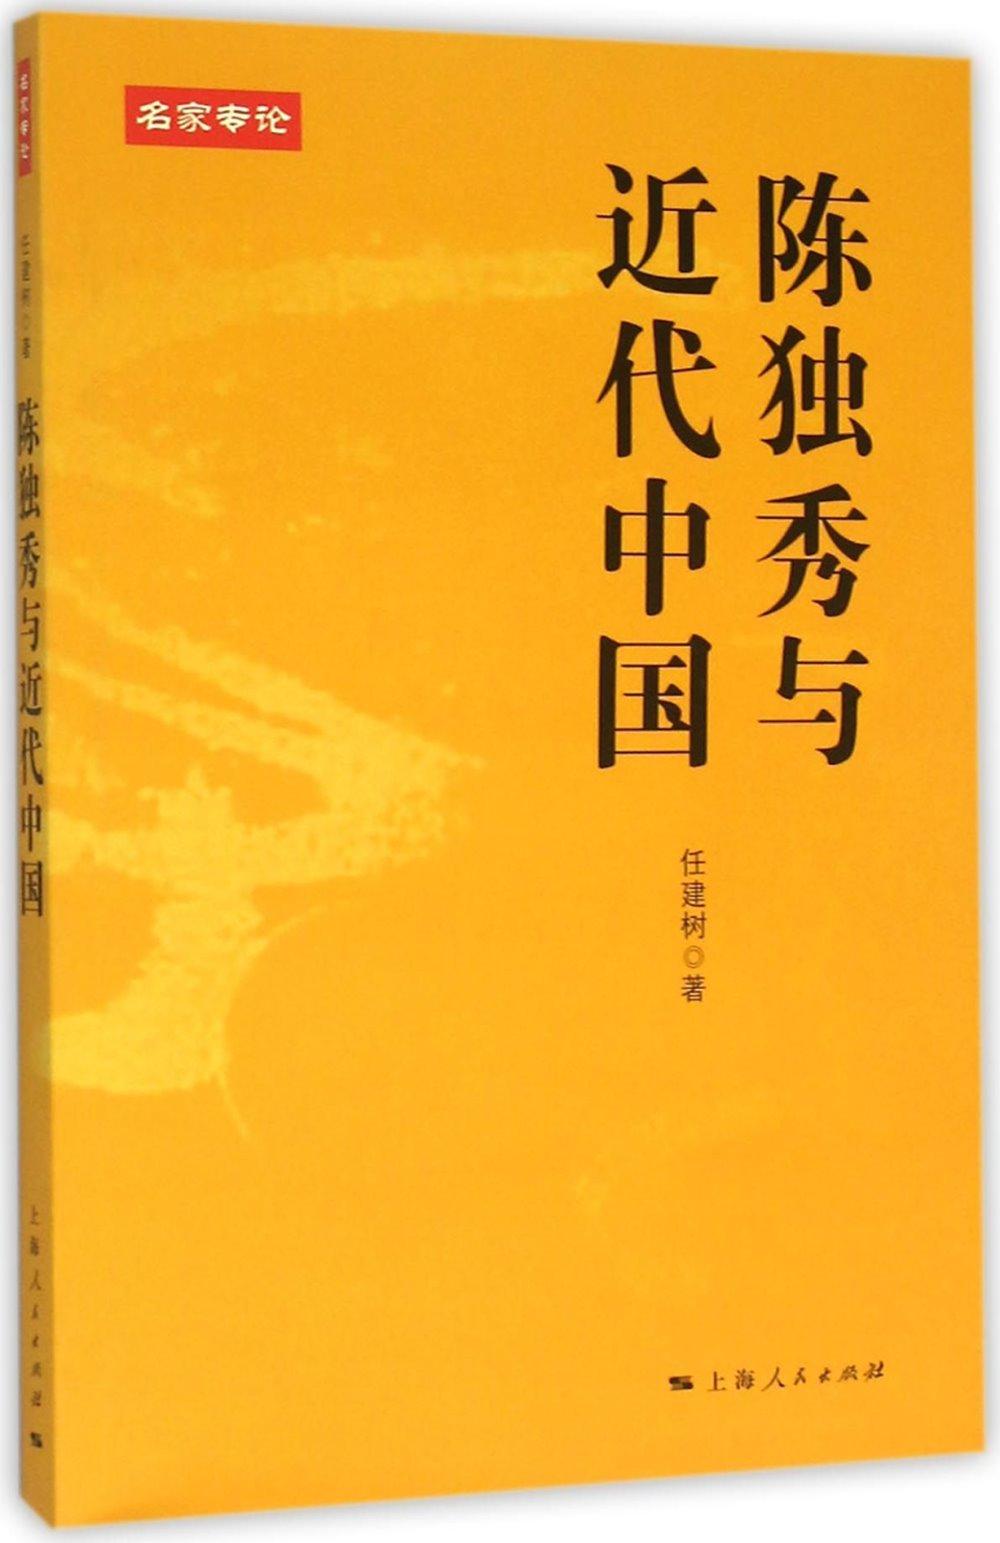 陳獨秀與近代中國